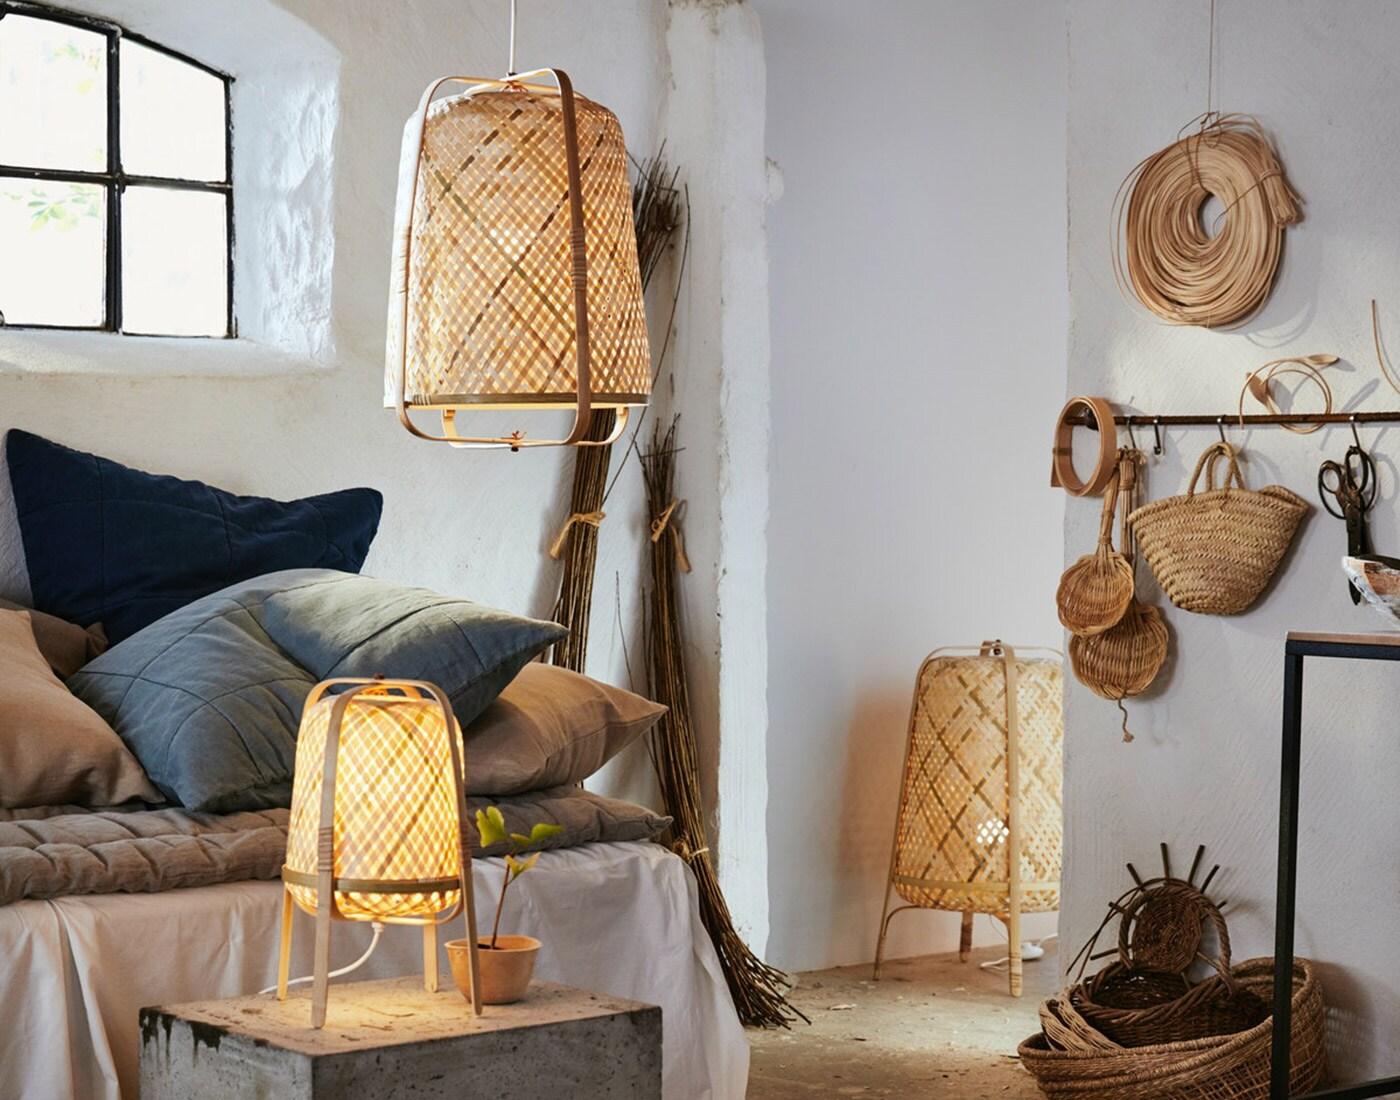 Forskellige lamper af bambus står i et stald-lignende rum.